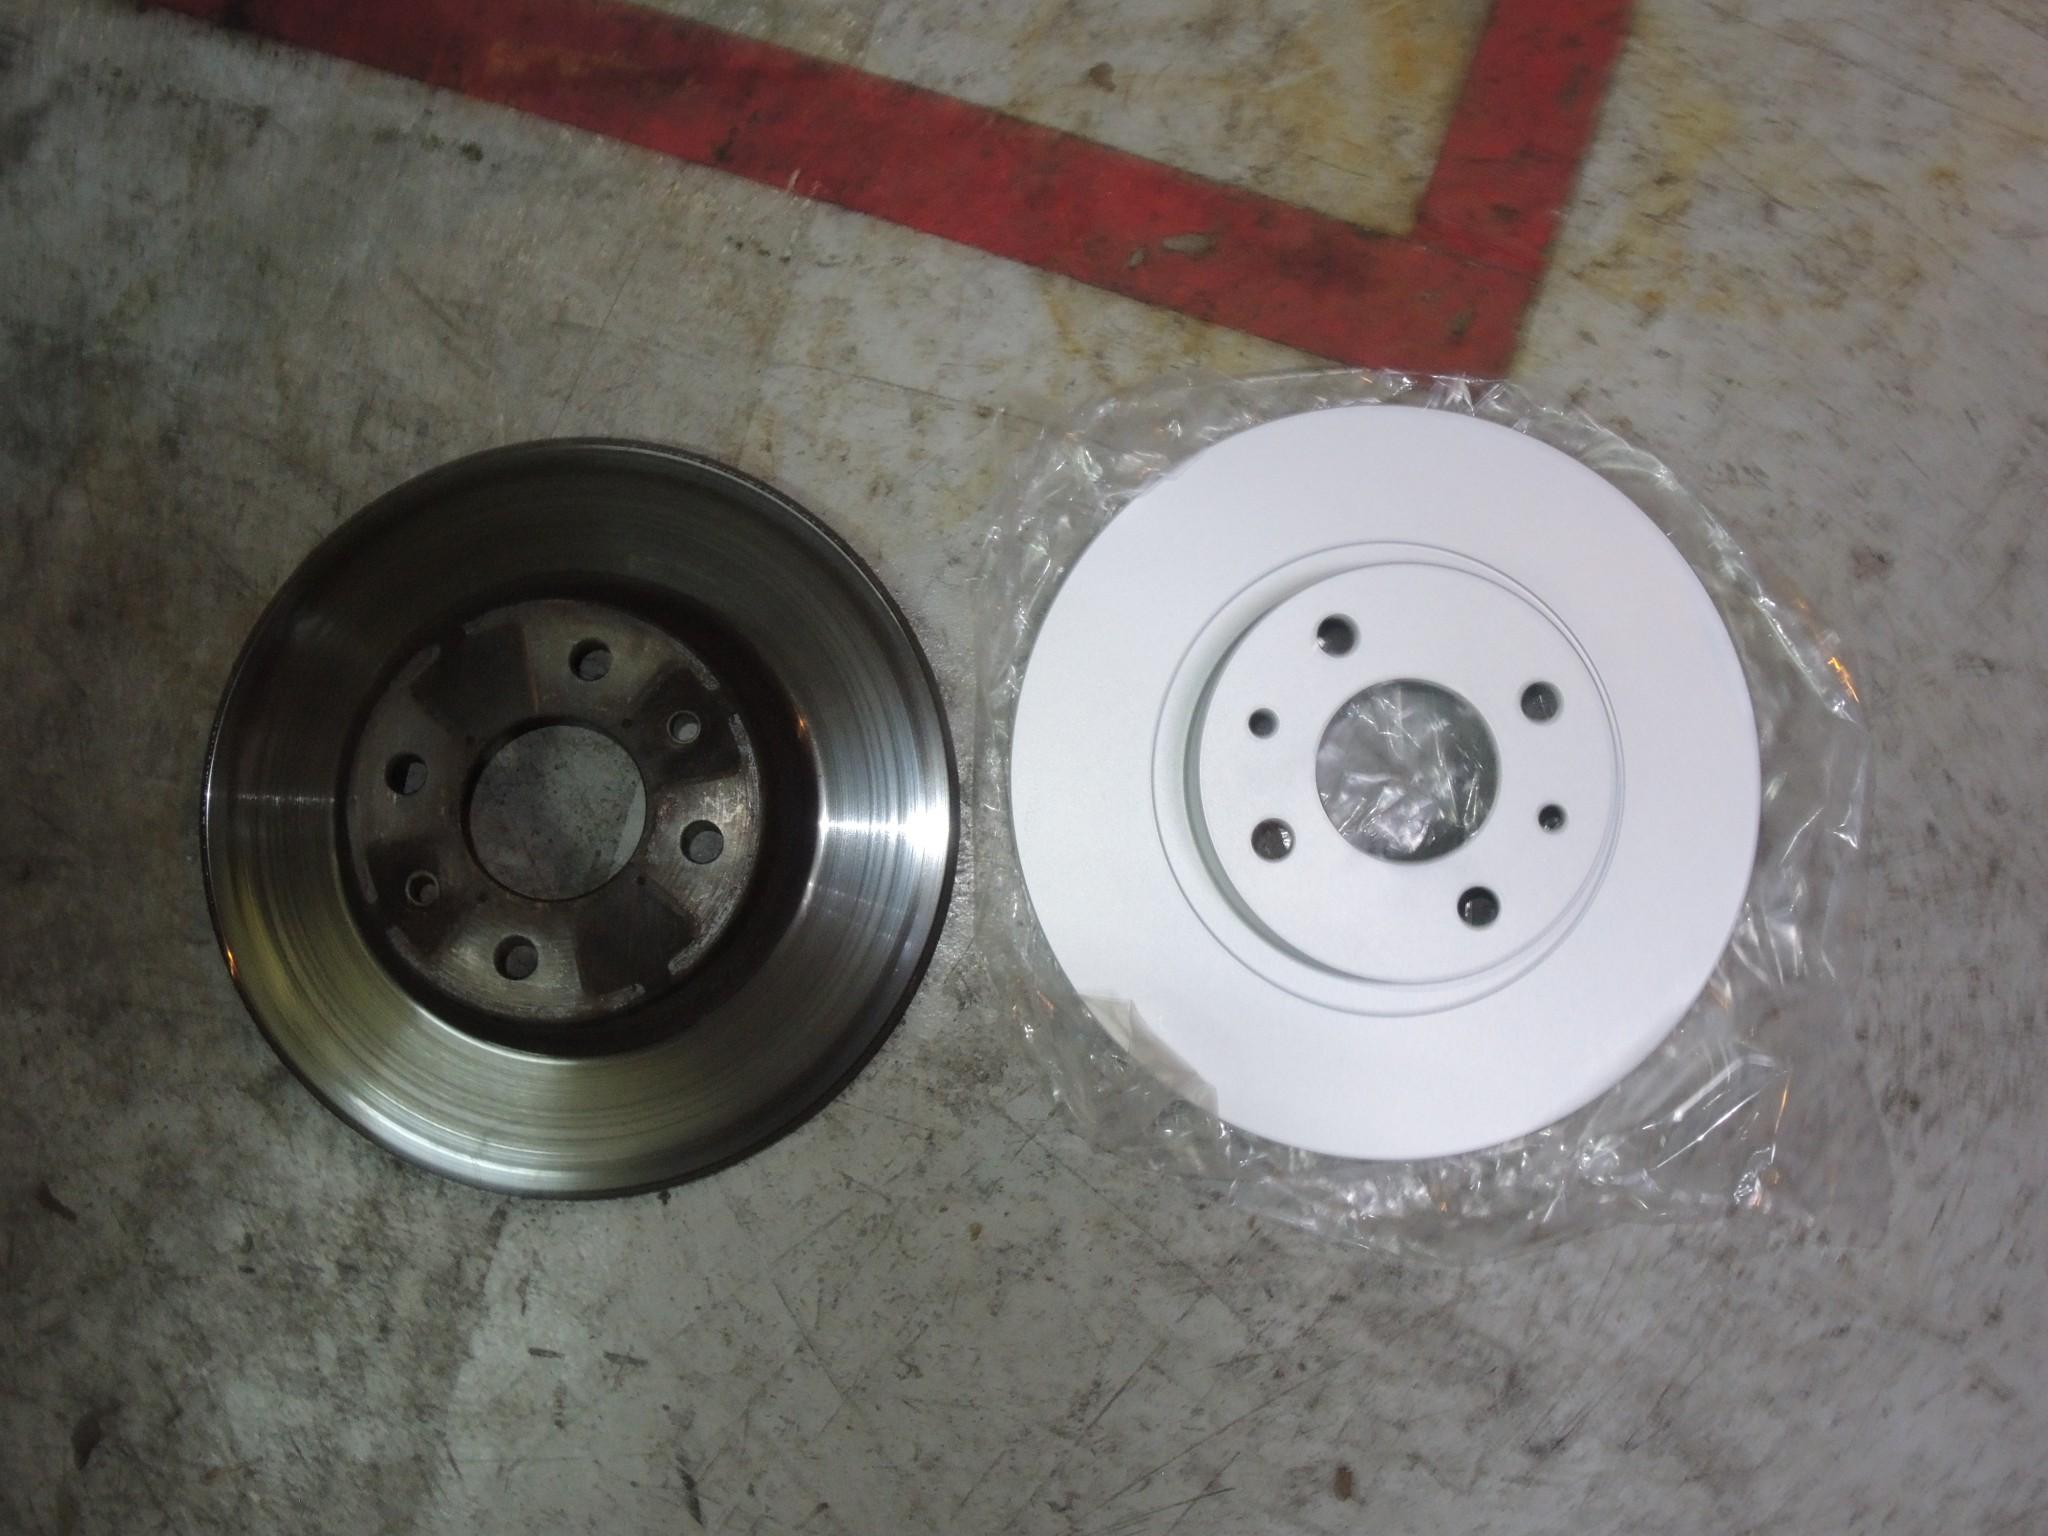 フィアット500 ブレーキパッド交換に合わせブレーキディスクローター交換 (2)